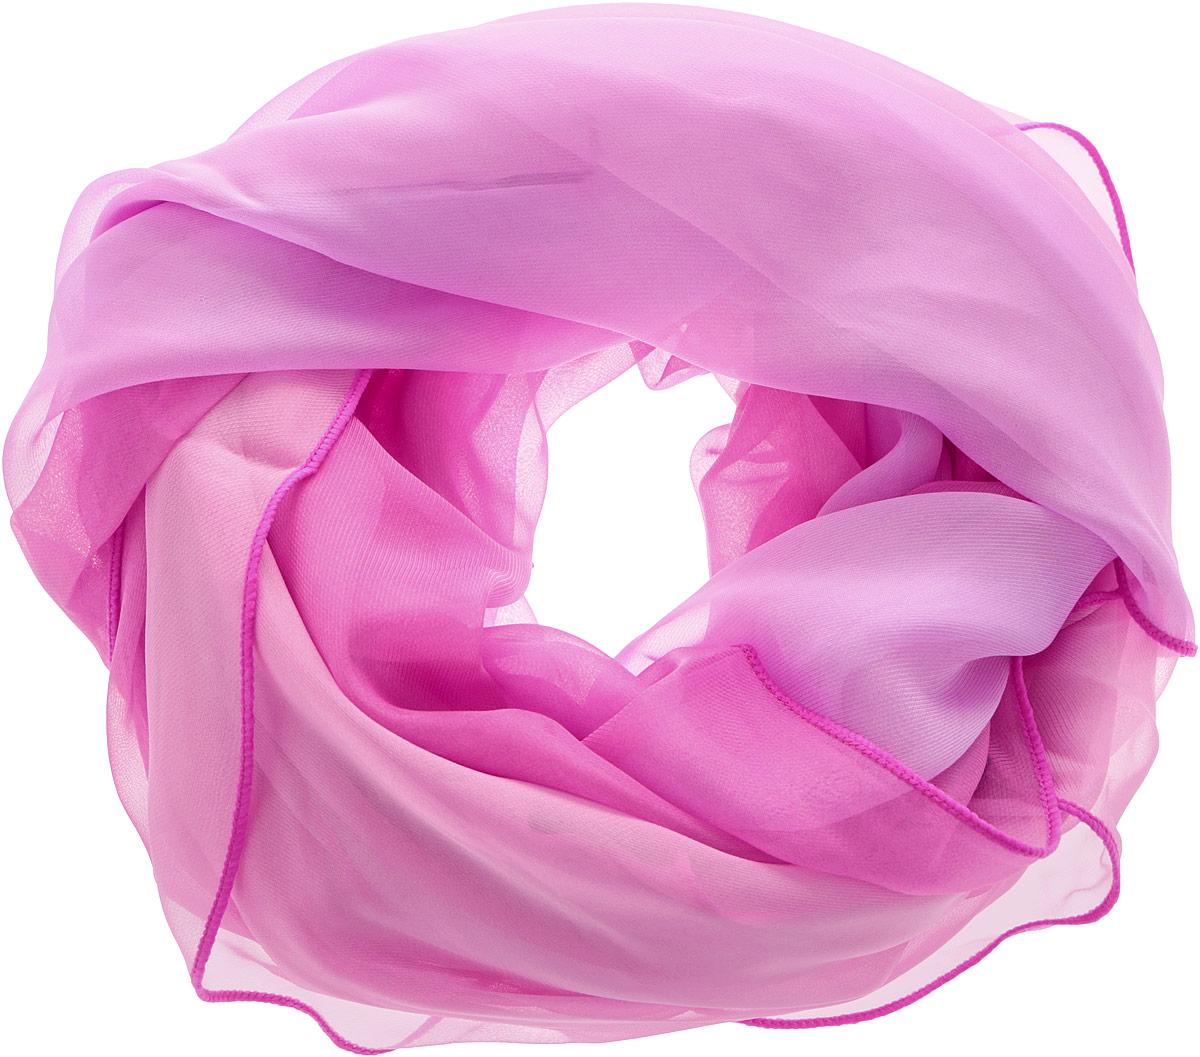 Палантин женский Sophie Ramage, цвет: розовый, сиреневый. HL-11516-9. Размер 100 см х 190 смHL-11516-9Элегантный палантин Sophie Ramage согреет вас в непогоду и станет достойным завершением вашего образа.Палантин изготовлен из шелка с добавлением полиэстера. Легкий и приятный на ощупь палантин классического кроя выполнен в лаконичном стиле. Палантин красиво драпируется, он превосходно дополнит любой наряд и подчеркнет ваш изысканный вкус.Легкий и изящный палантин привнесет в ваш образ утонченность и шарм.